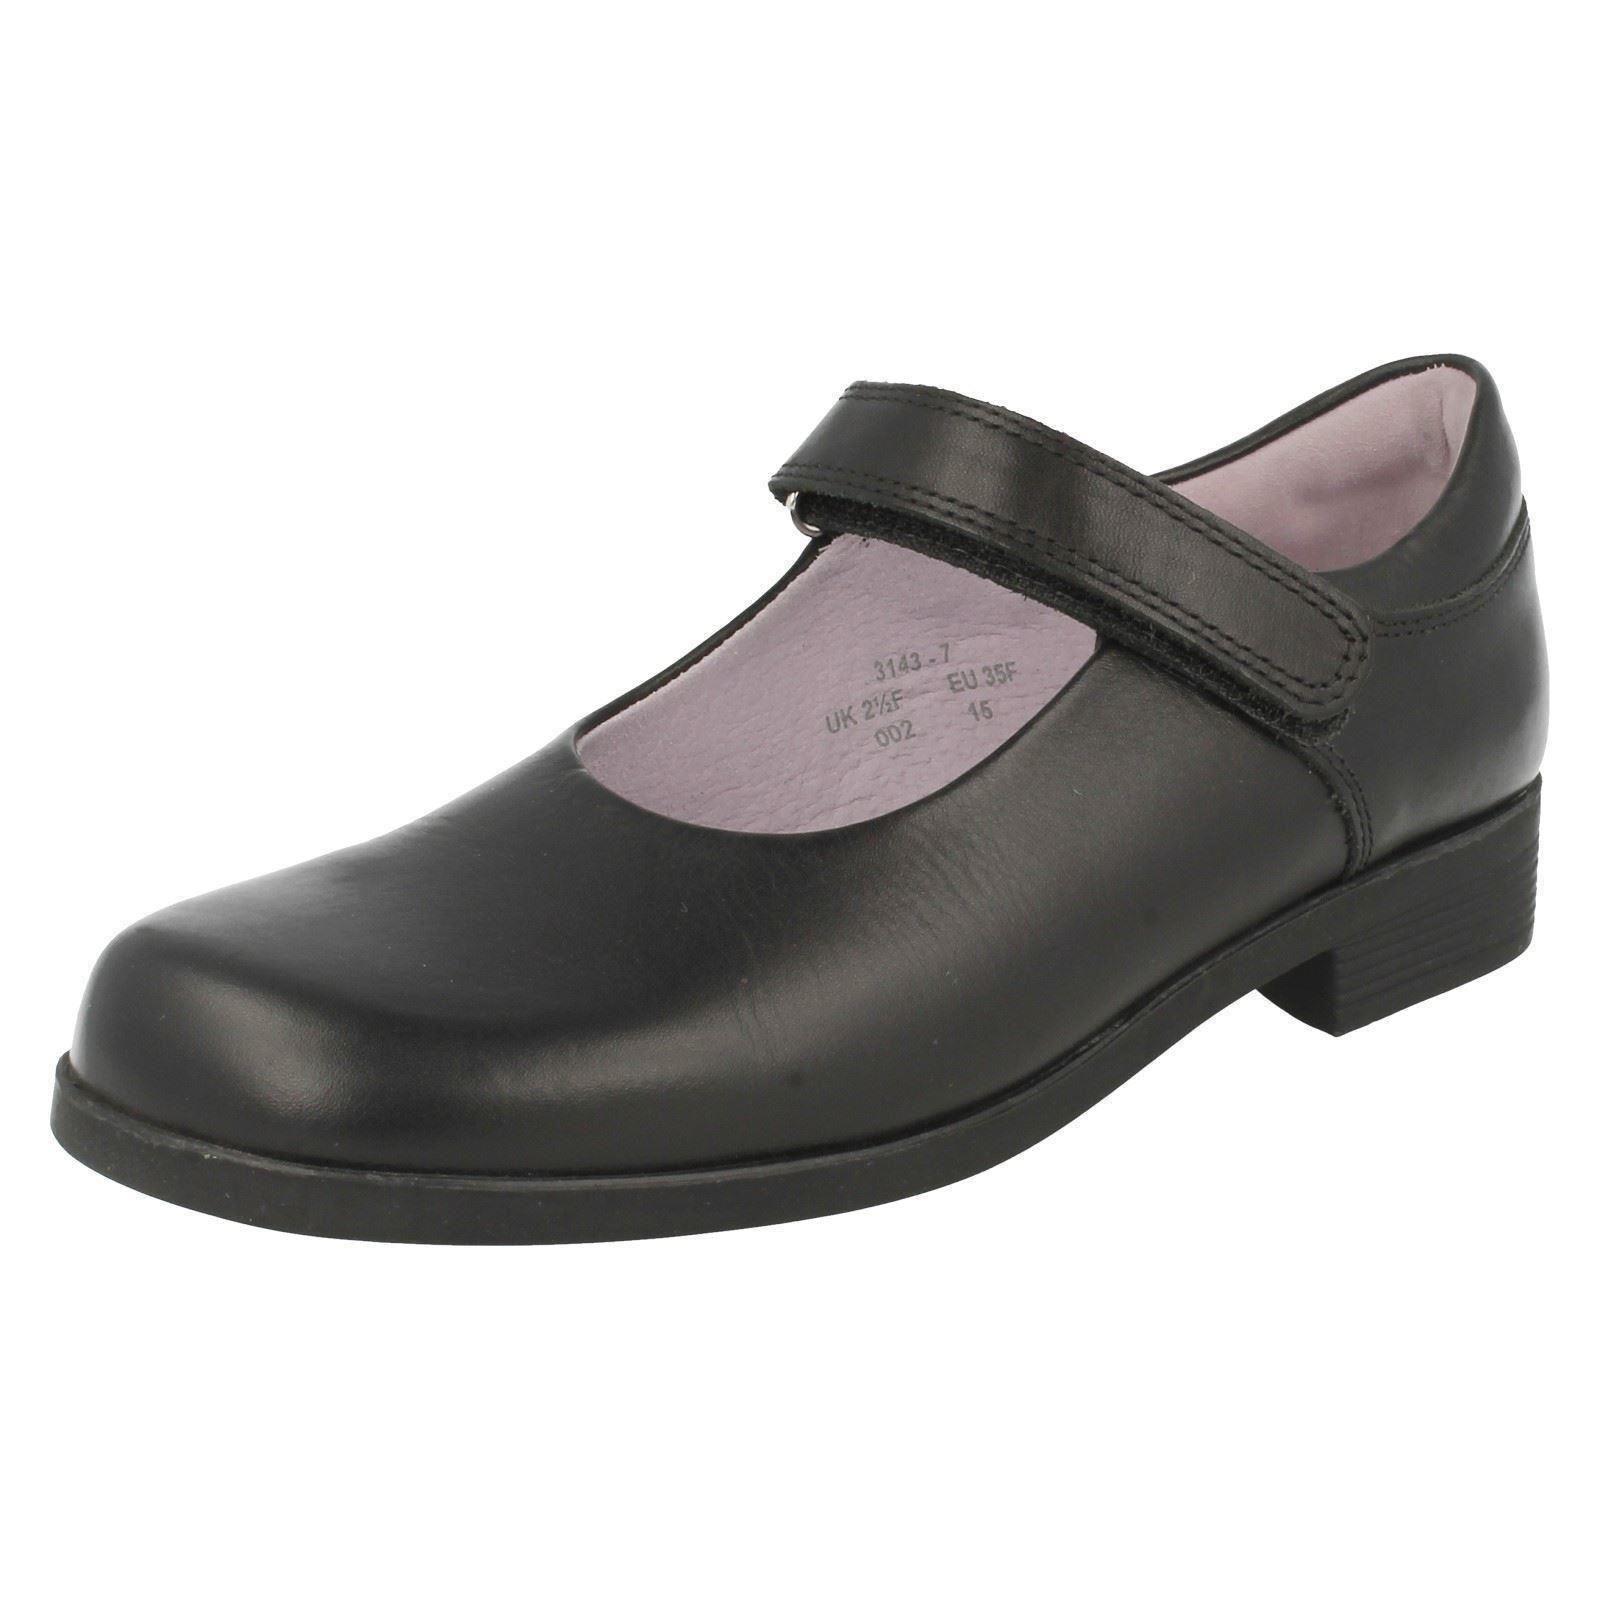 Girls Startrite Formal/School Shoes